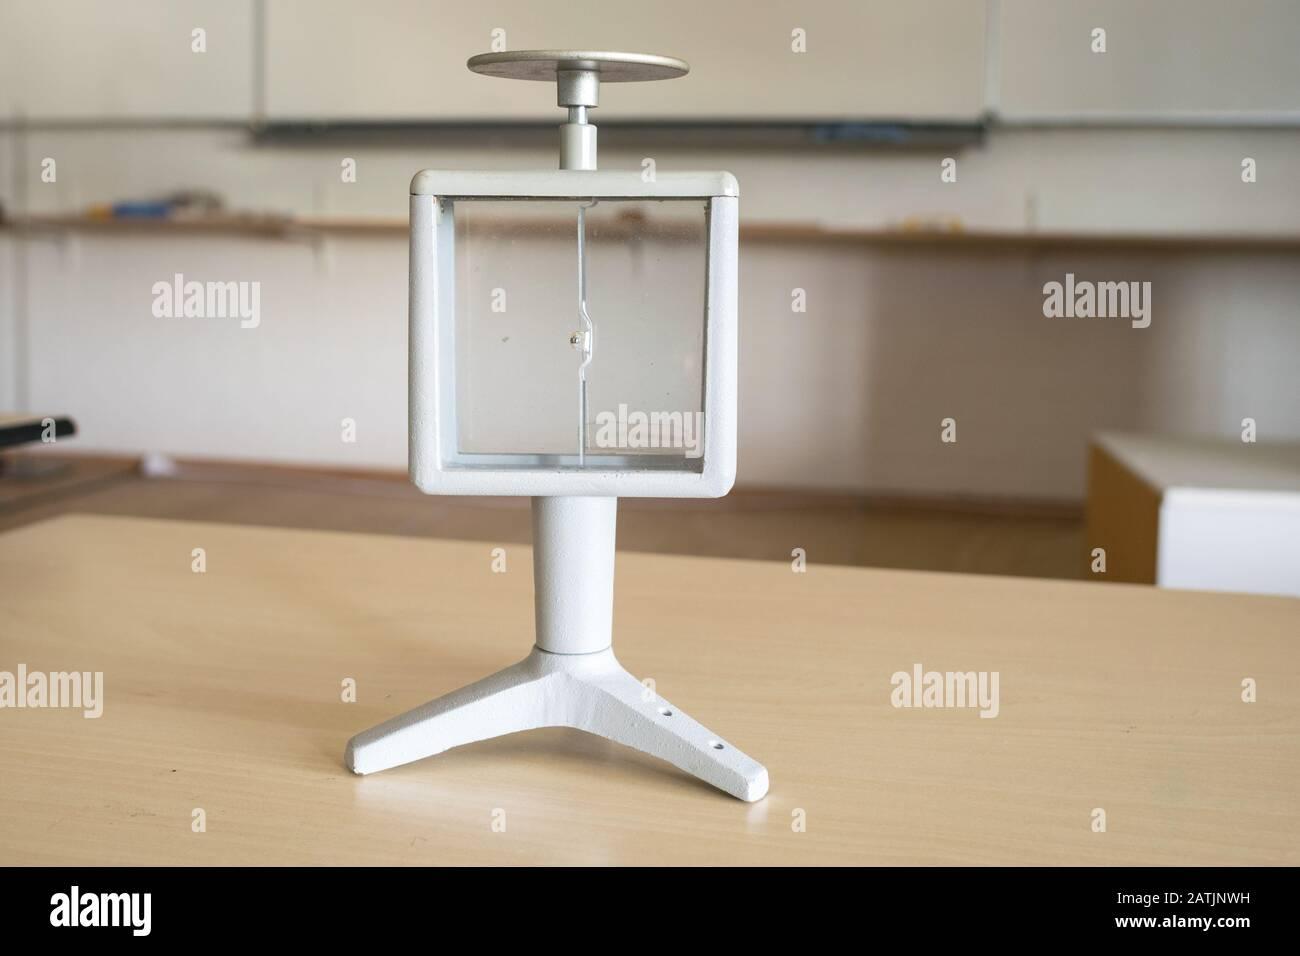 Elektroskop in einem Klassenraum. Wird in der Physikausbildung verwendet, um die Prinzipien der Elektrostatik zu demonstrieren. Stockfoto